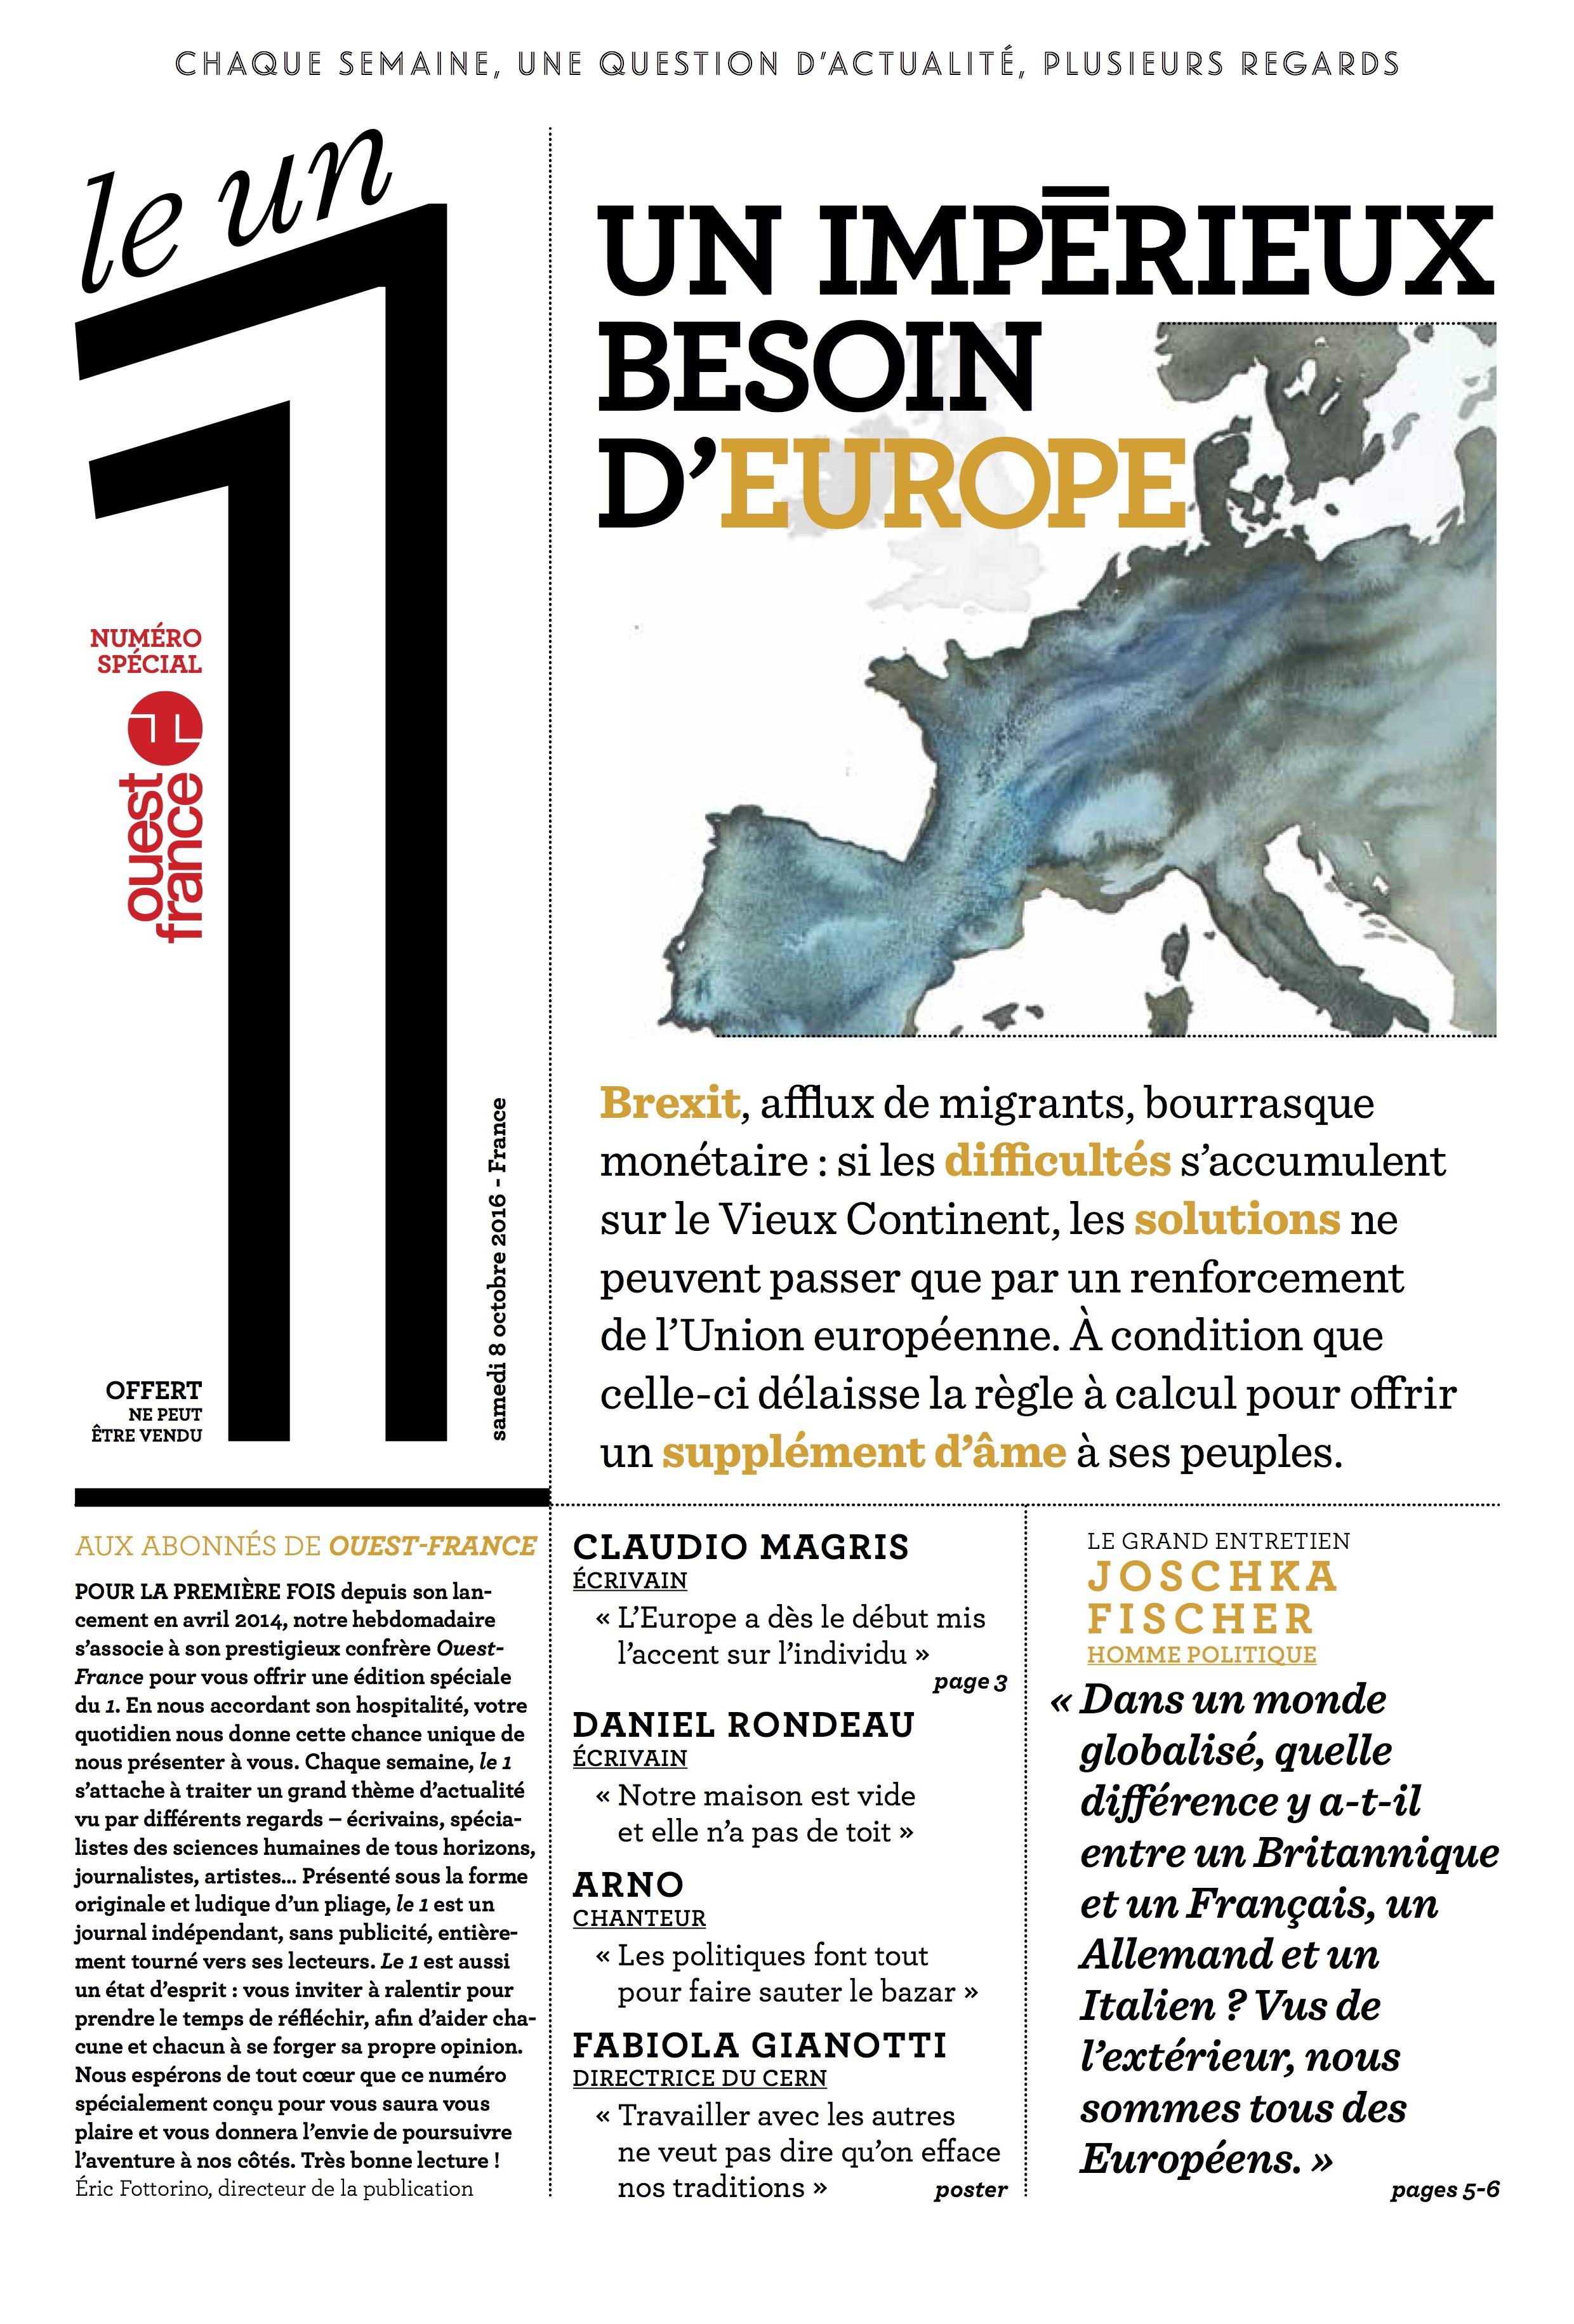 Un impérieux besoin d'Europe